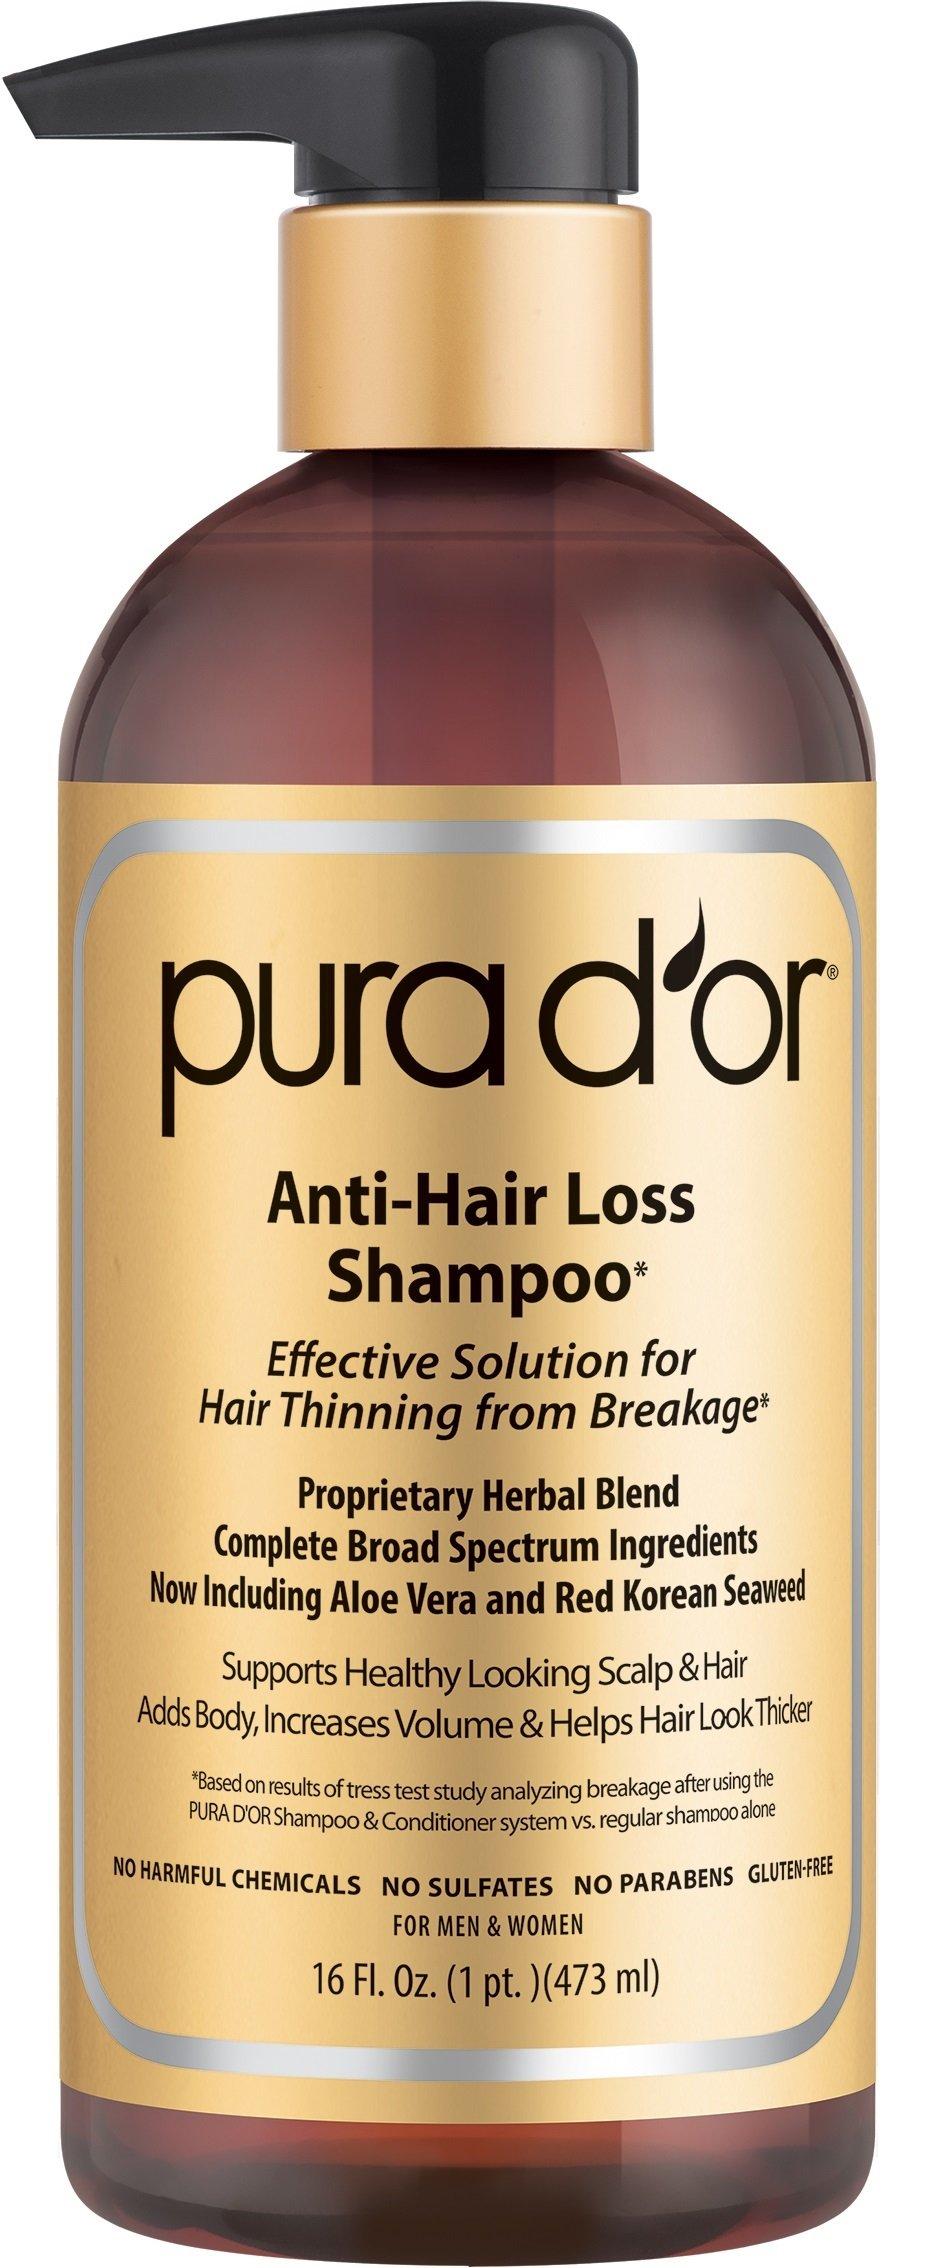 Pura d'or Advanced Therapy System Shampoo & Conditioner Bundle $30 24 Oz Costco